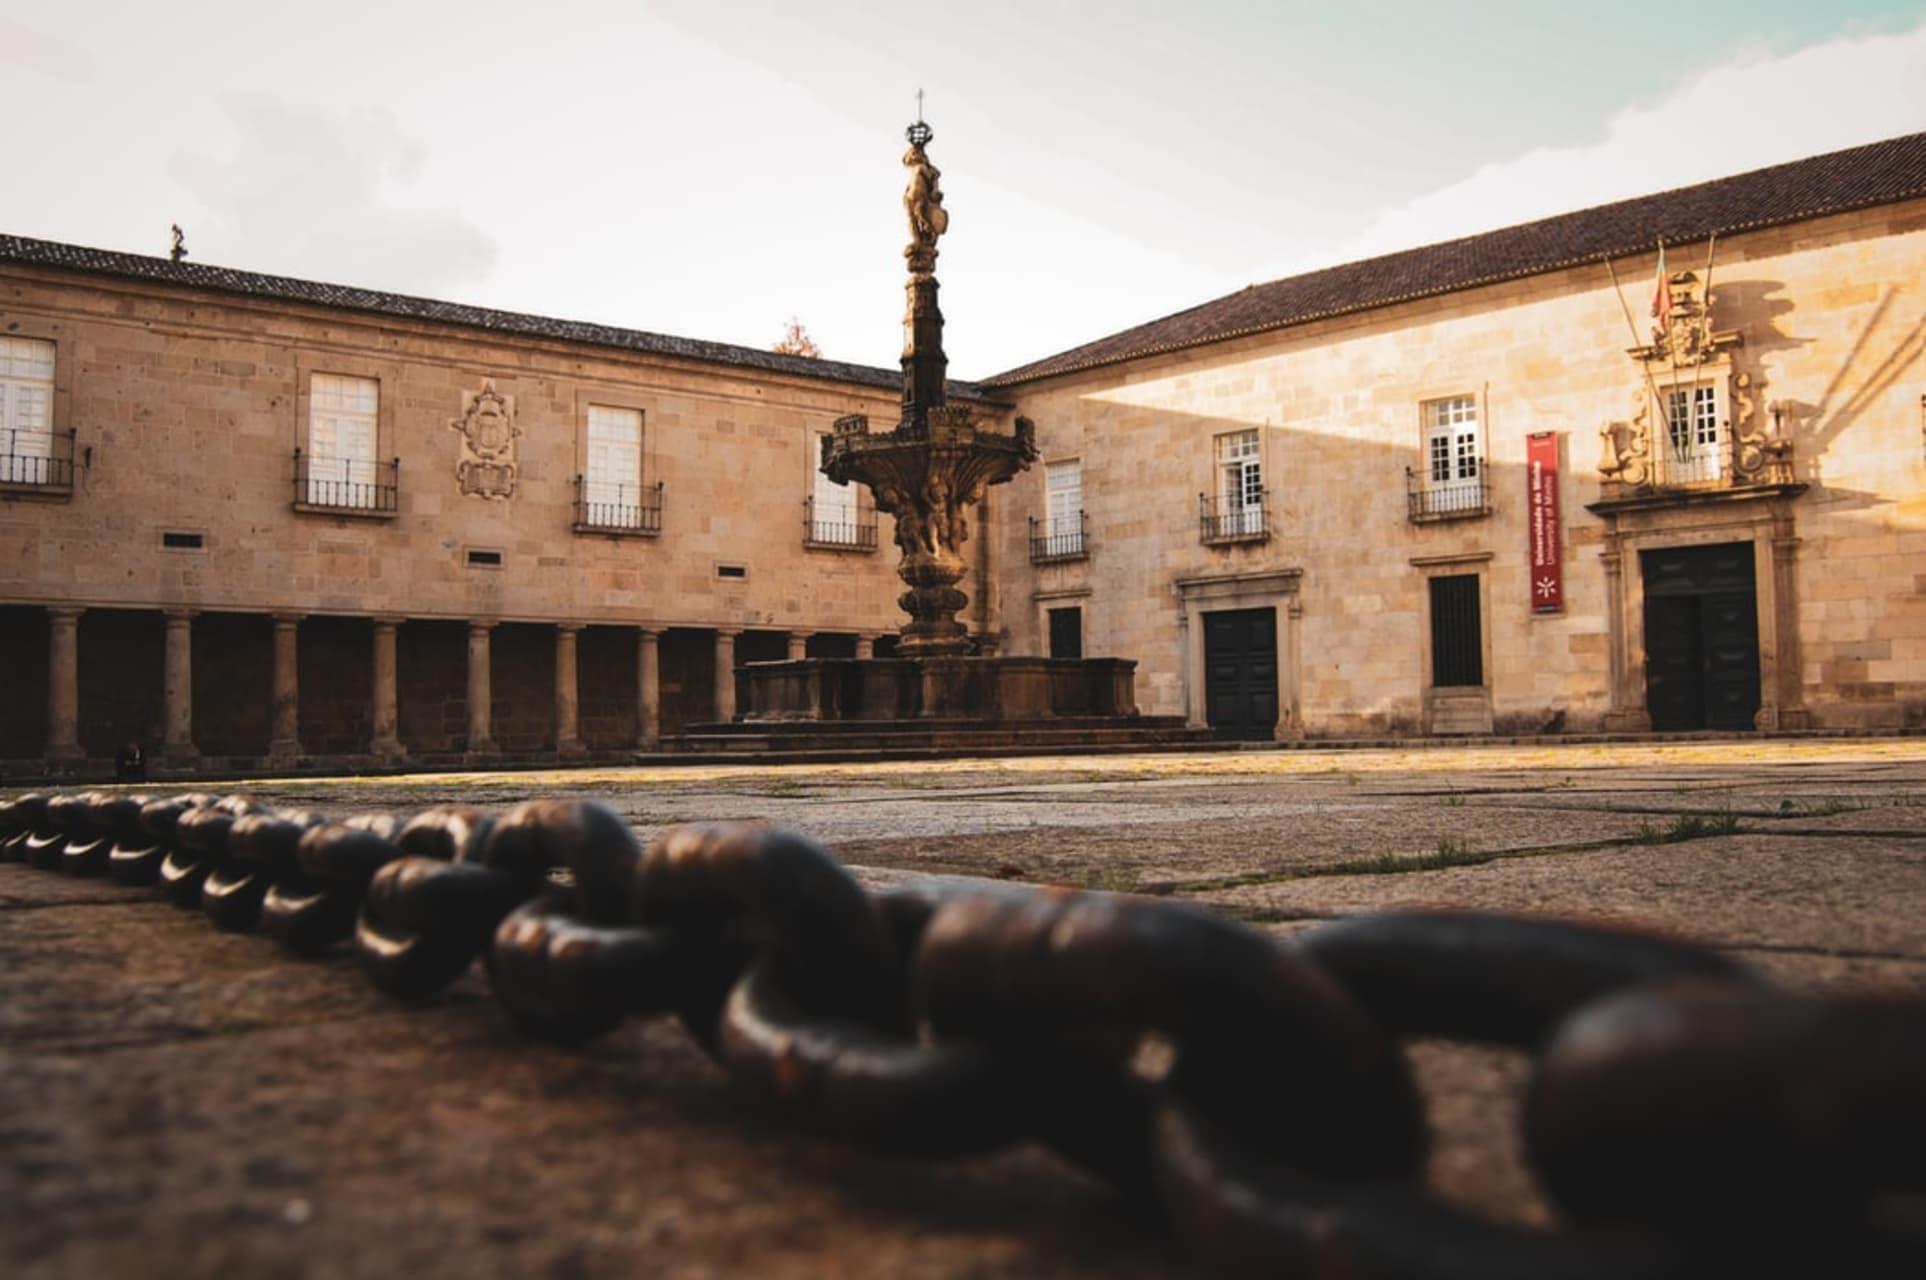 Braga - Braga - From the Romans to 2021 Best Destination in Europe